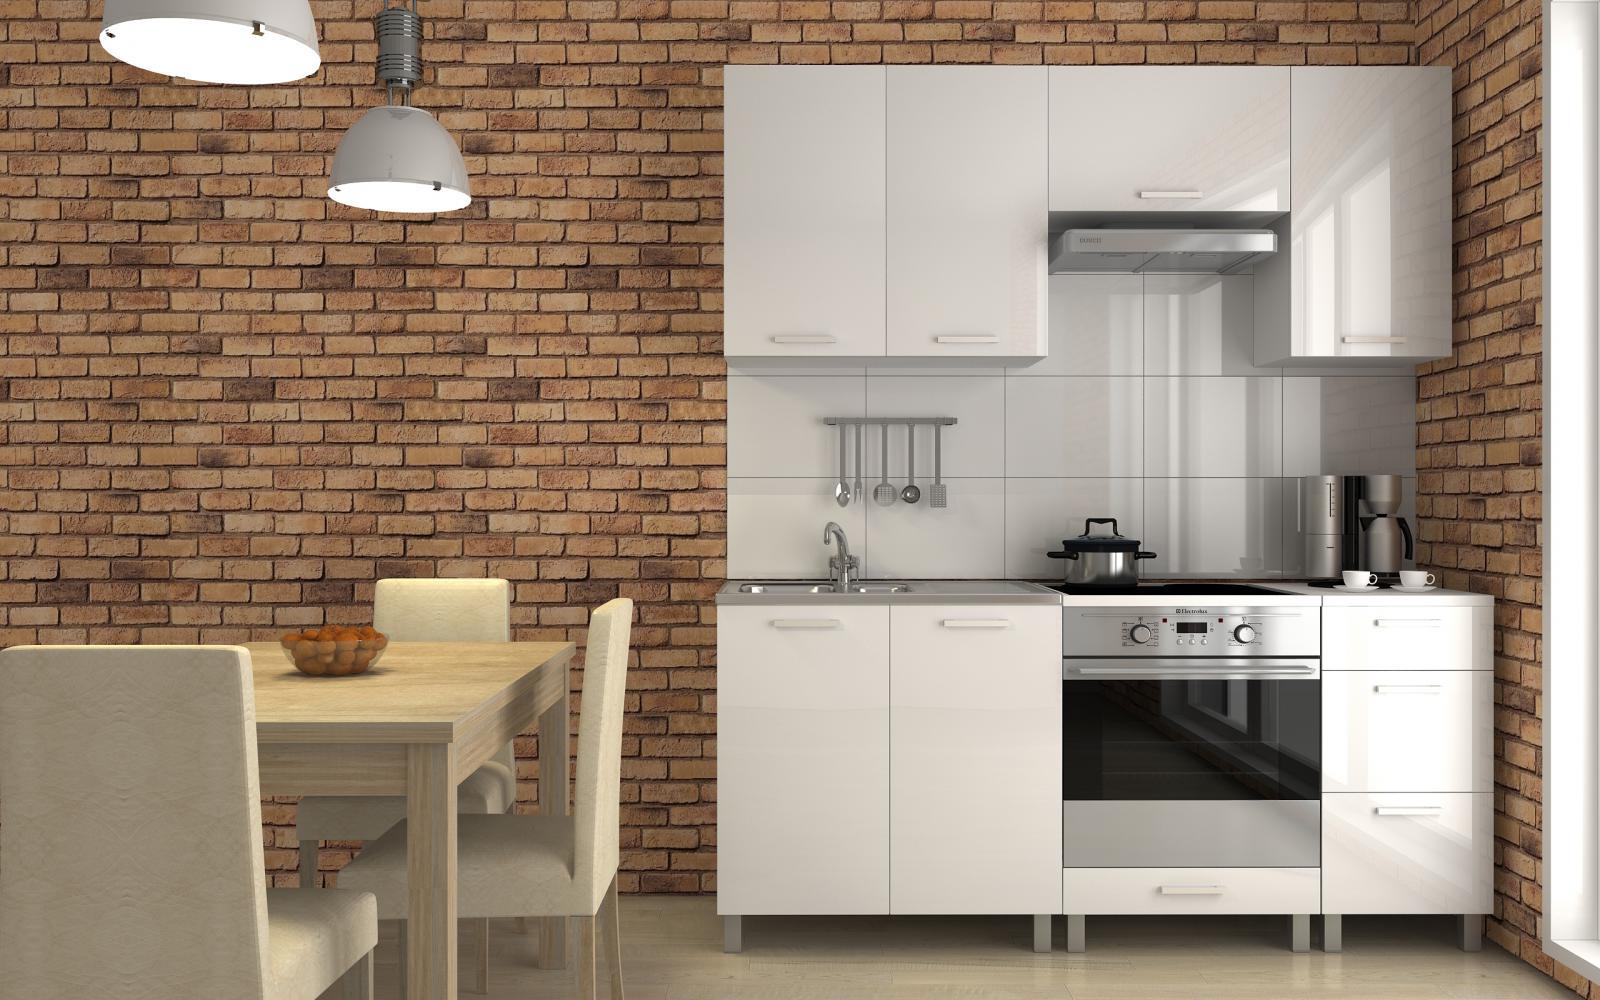 Kuchyňská linka Despacito RLG 180 bílý lesk